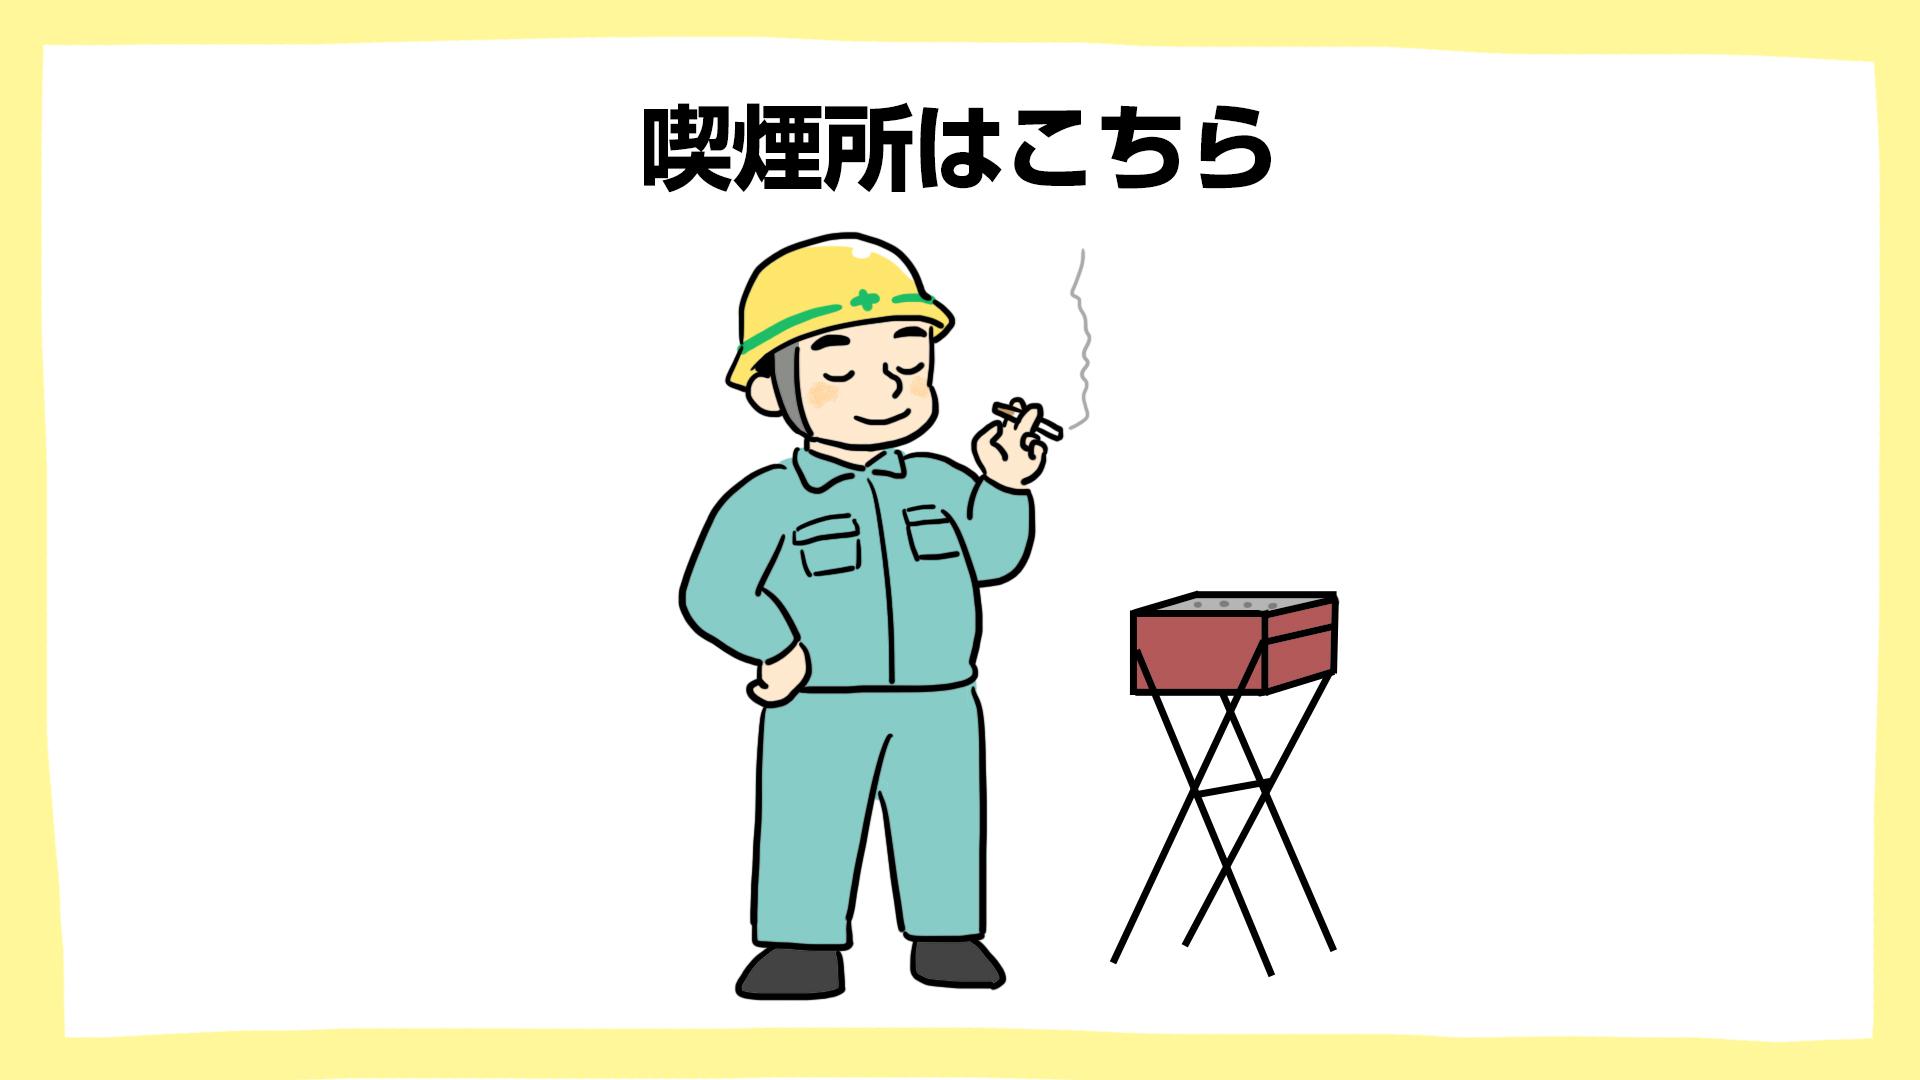 喫煙所はこちら・建設現場の安全ポスター